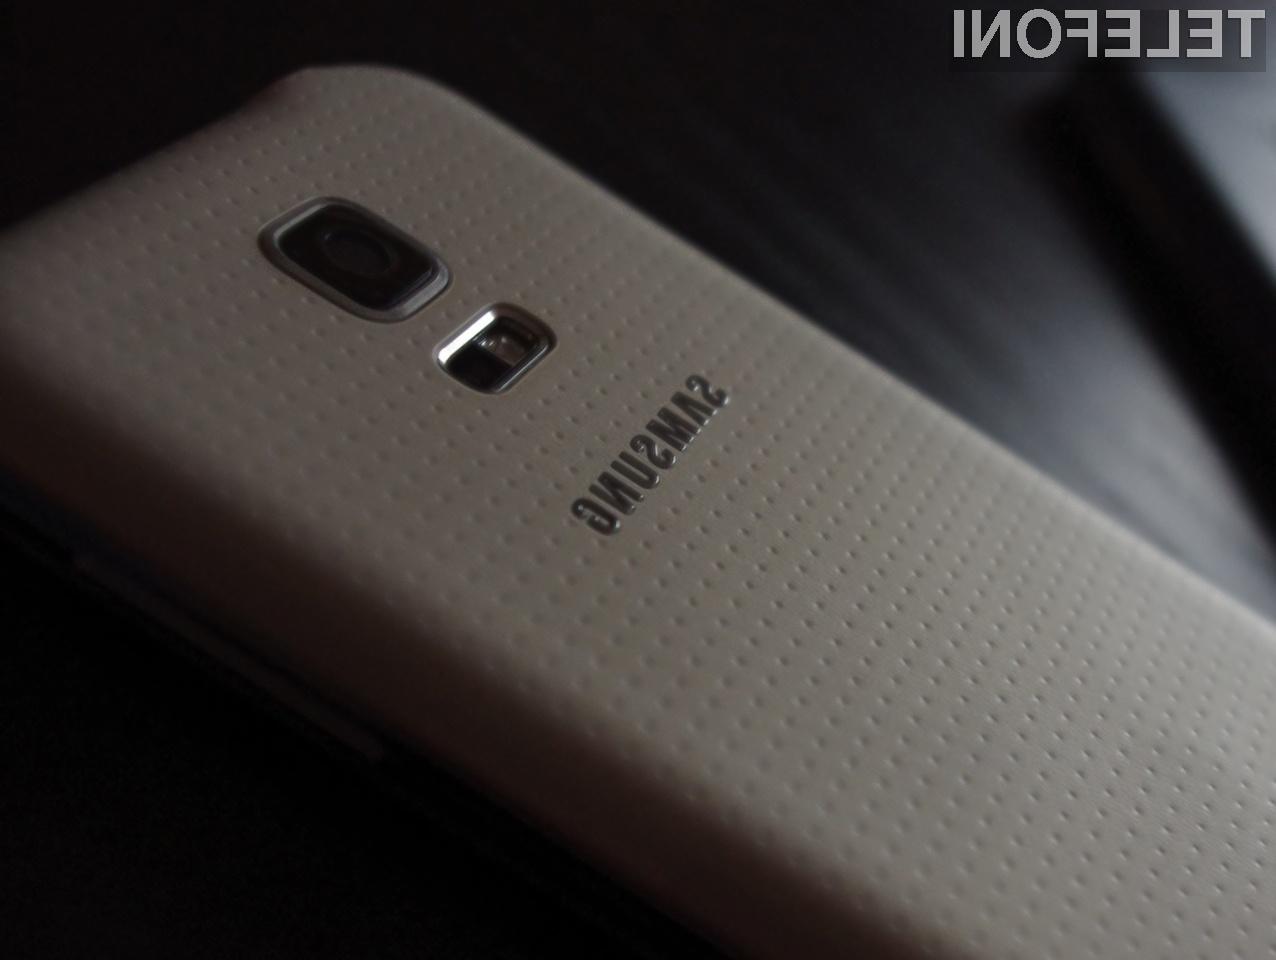 Nadvse zanimivi mobilnik Samsung Galaxy S5 Mini naj bi luč sveta ugledal še pred jesenjo.